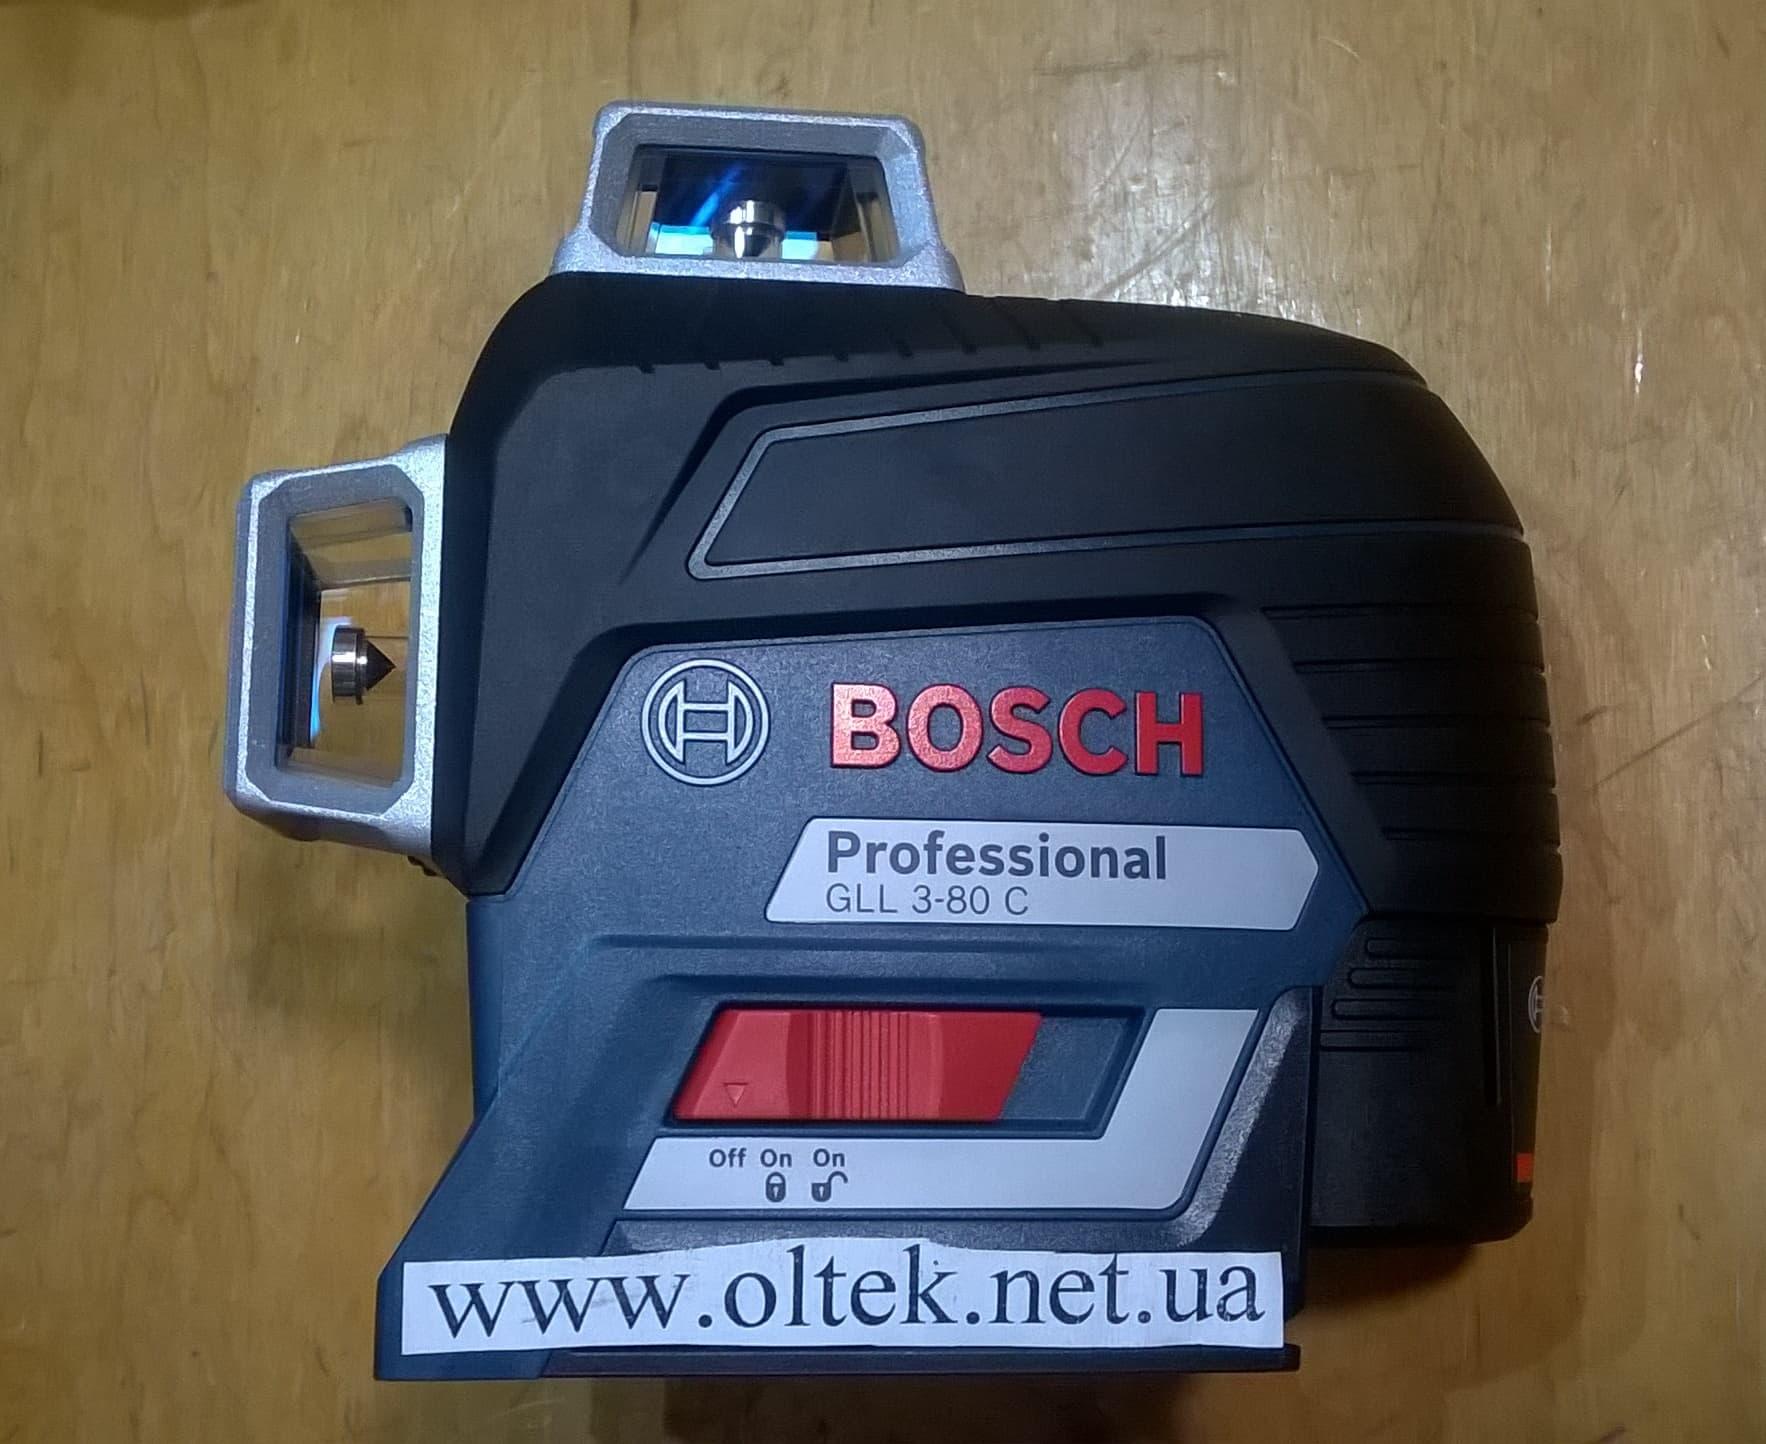 Bosch-GLL-3-80 C (1)